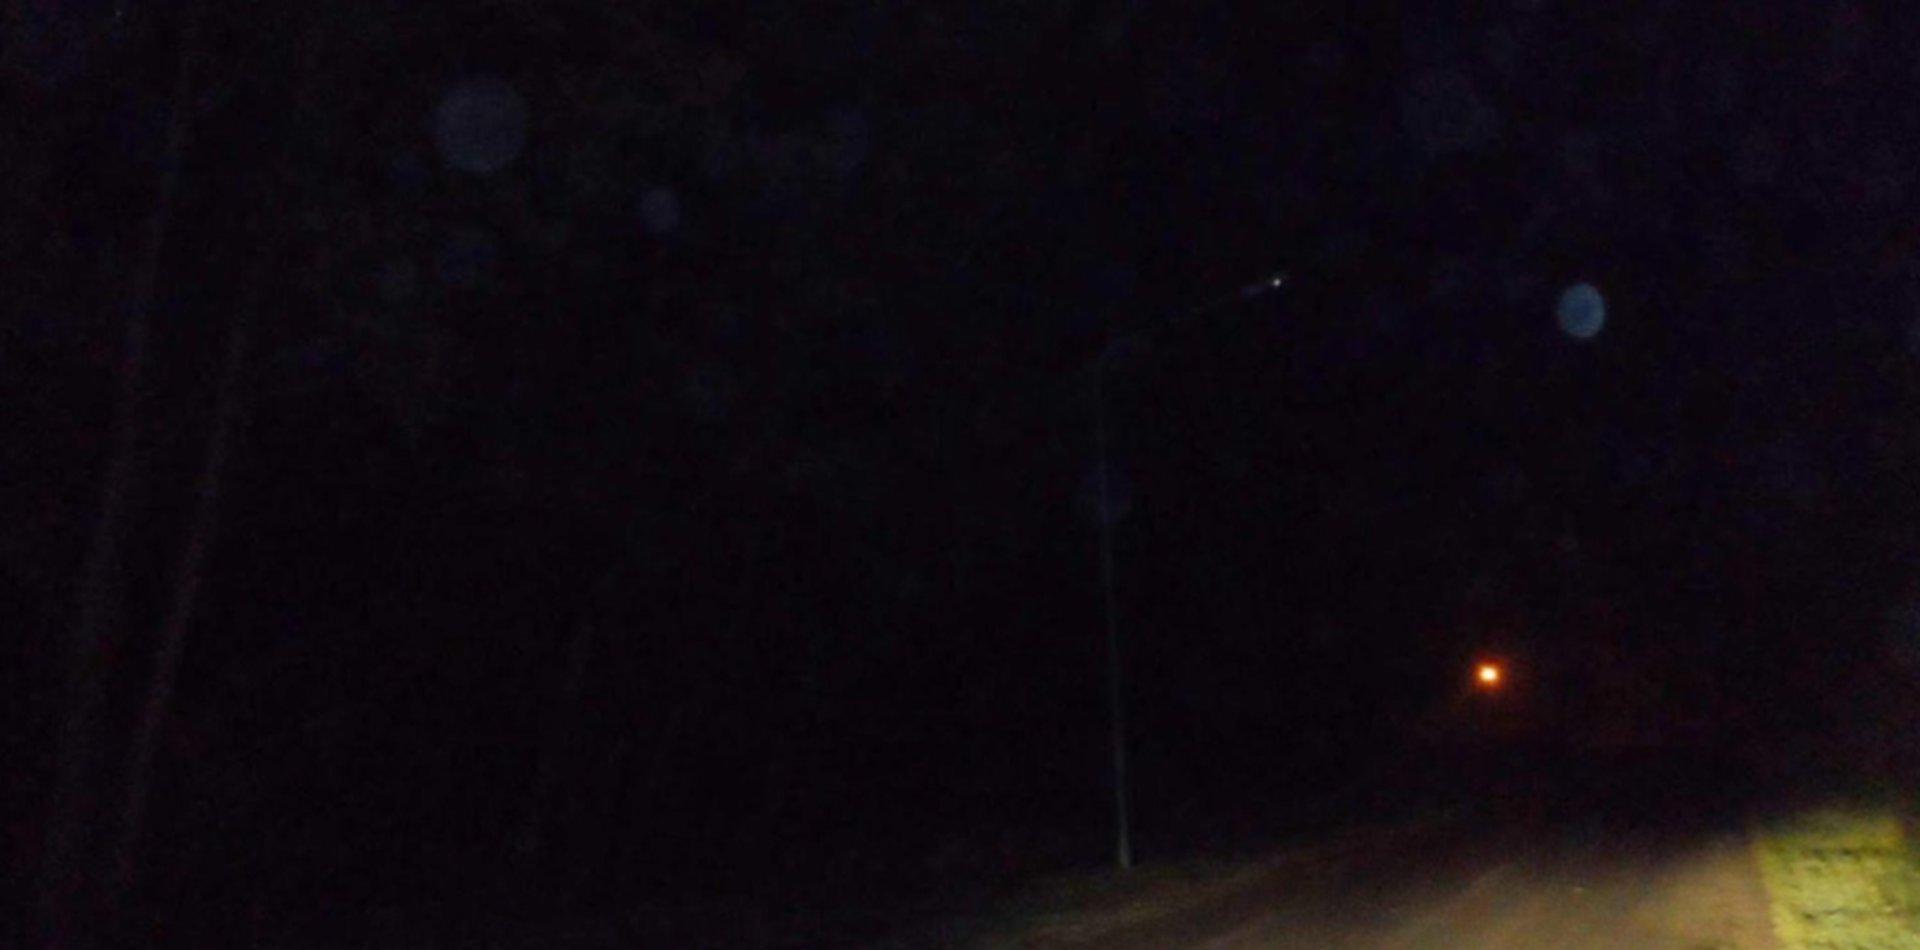 Así fue la misteriosa aparición de un humanoide en Ensenada la noche del eclipse